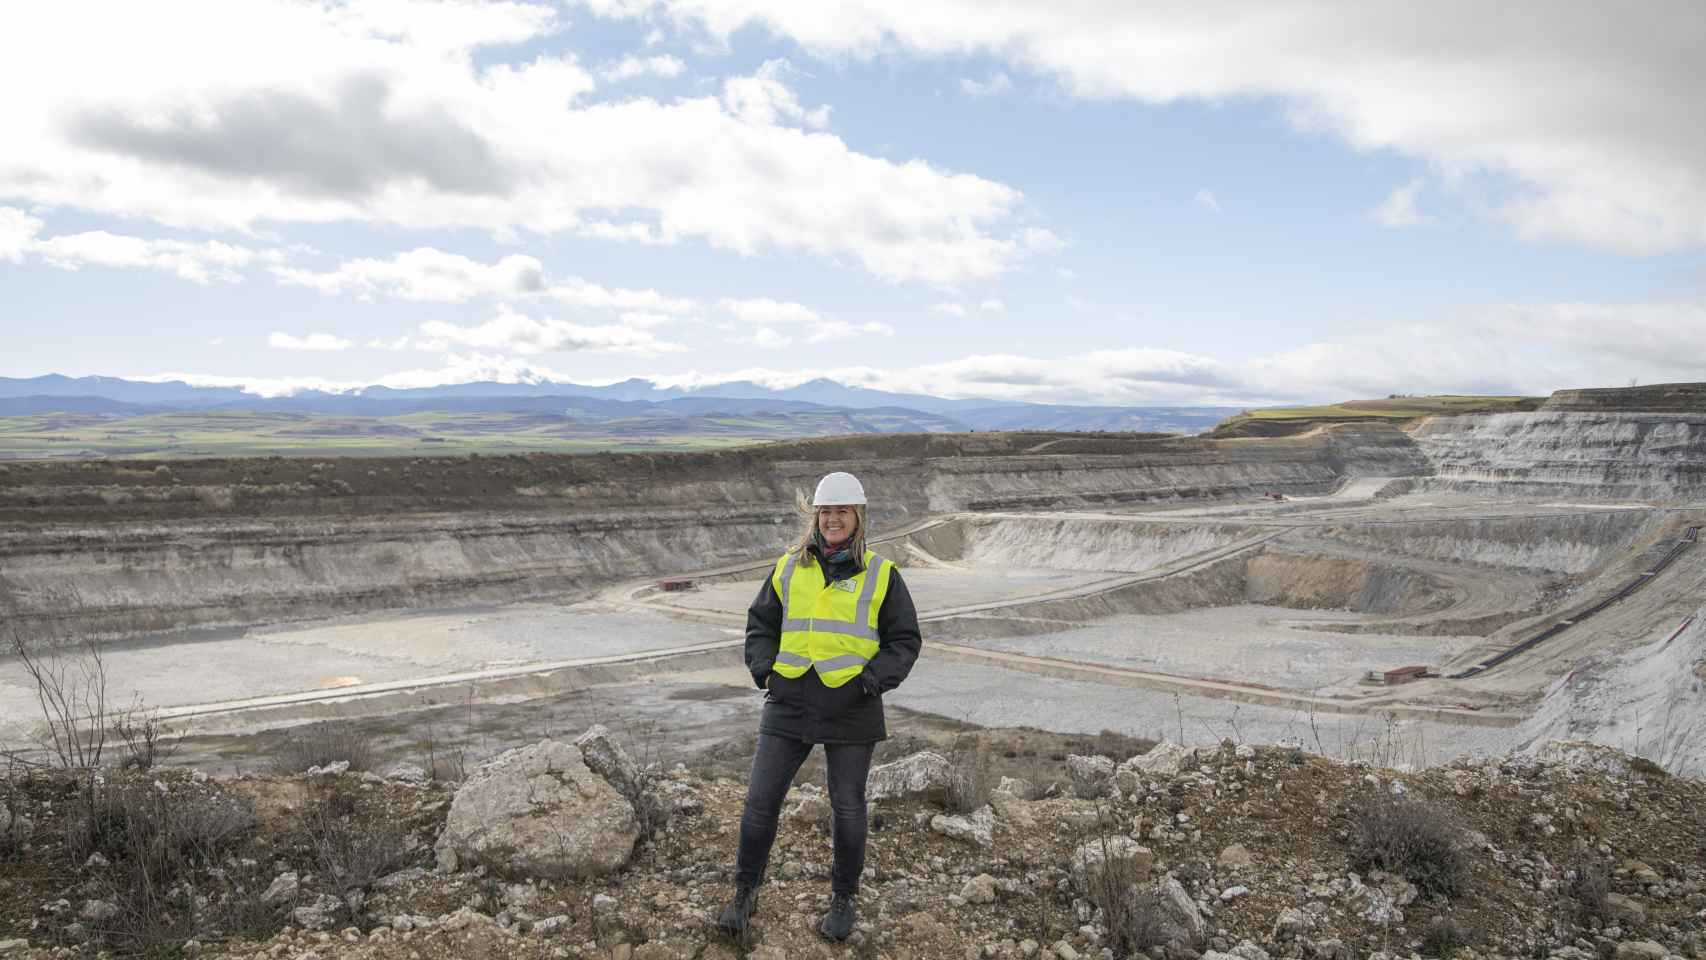 Victoria Plantalamor, en una de las zonas donde se ve la extracción a cielo abierto de la mina en Cerezo de Tirón (Burgos).